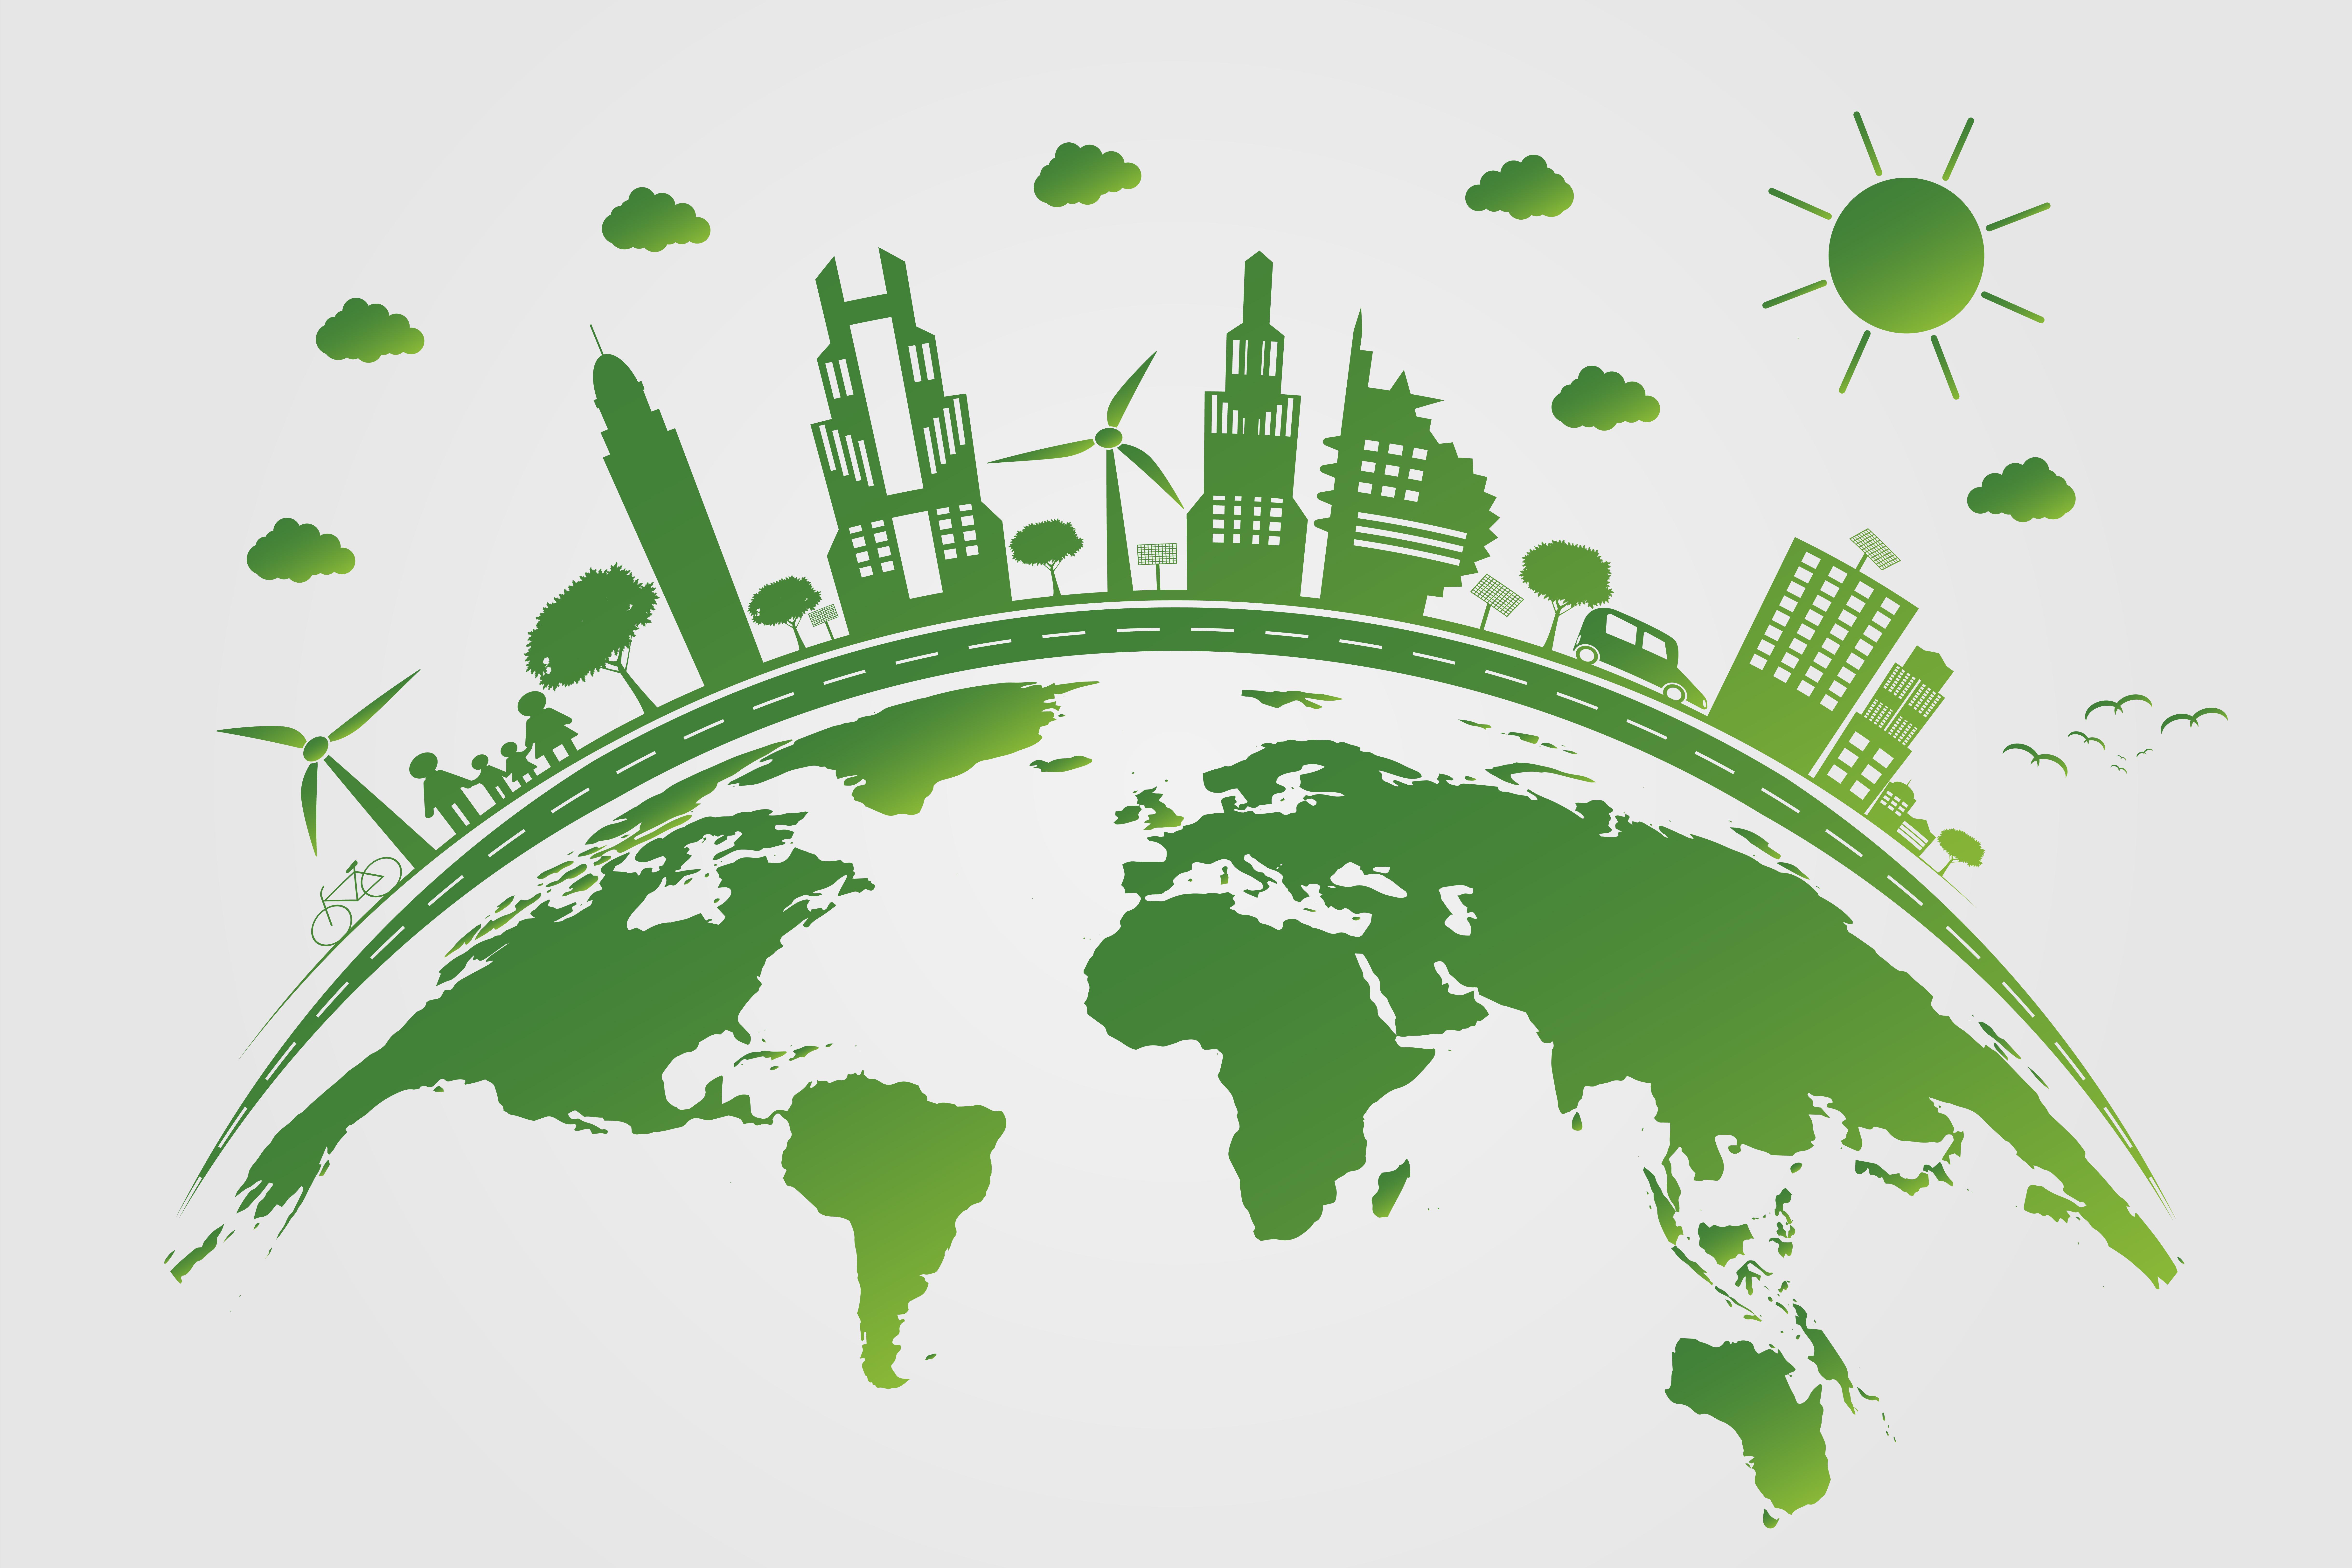 Les Défis de la Smart City pour le Développement Durable